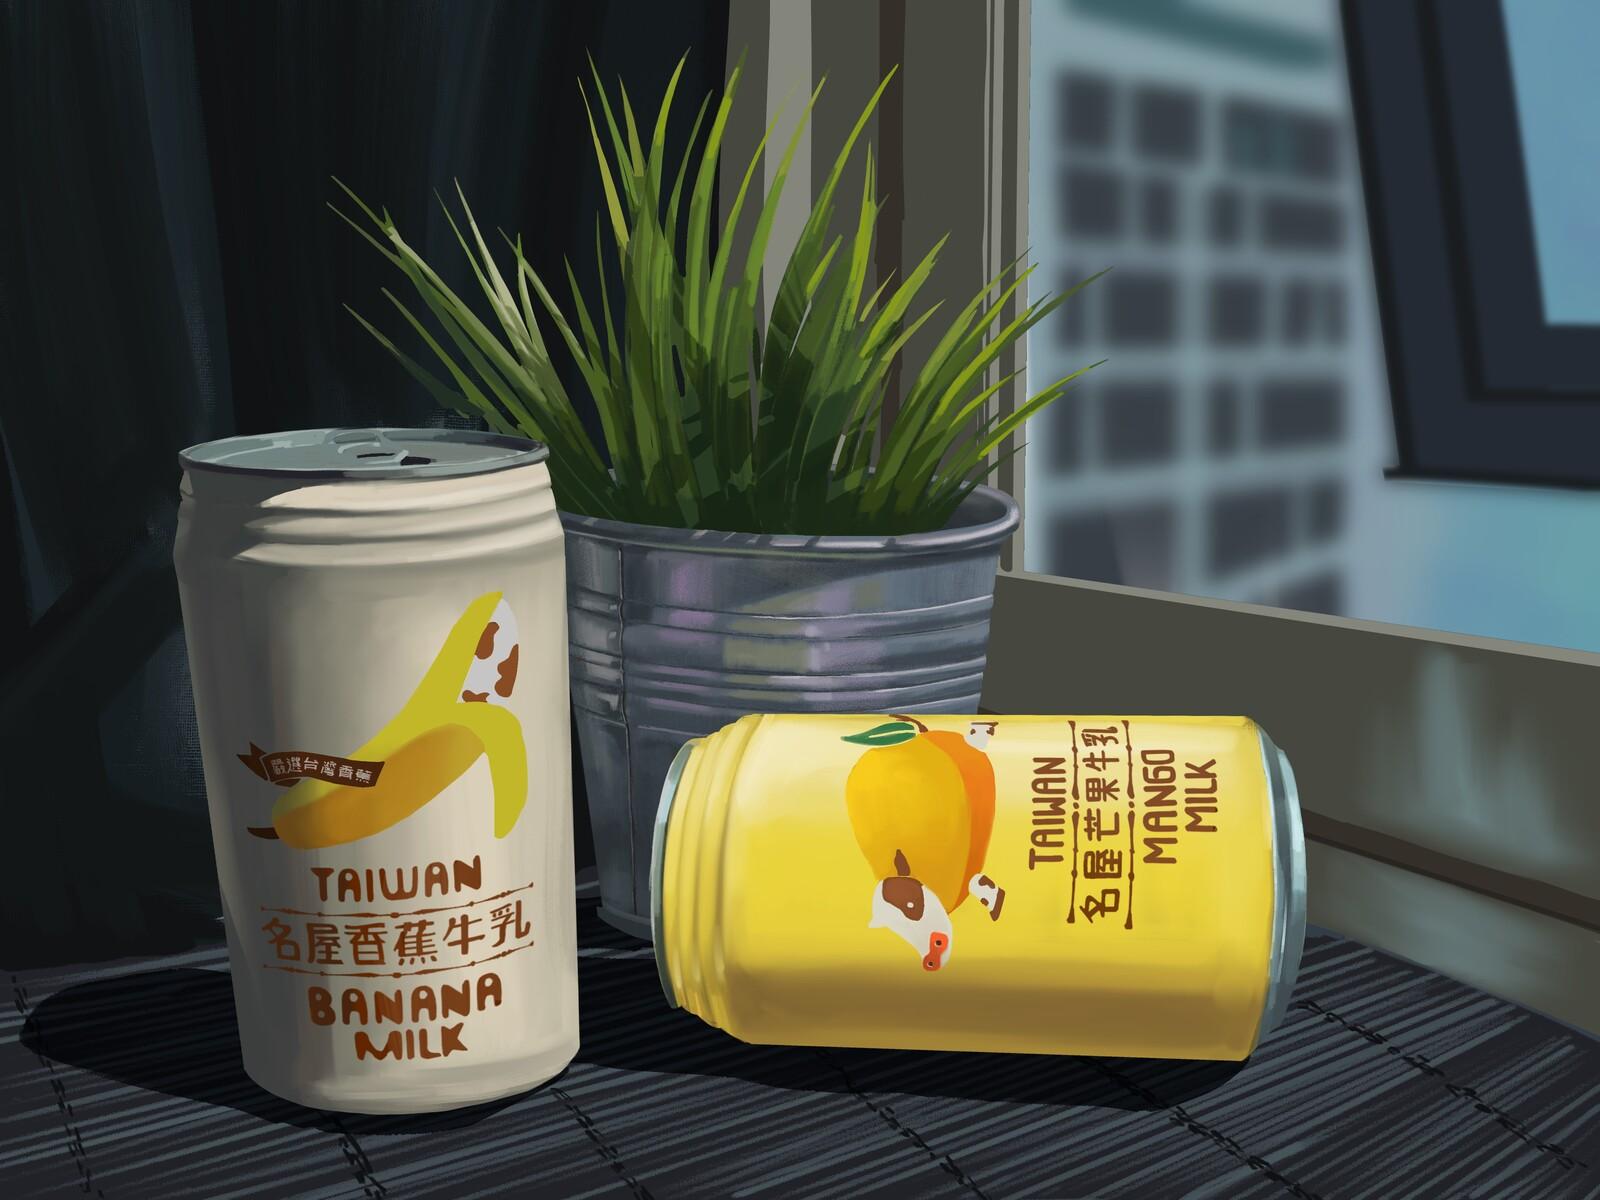 In My Home_Arstation Jam_Asian drinks studies